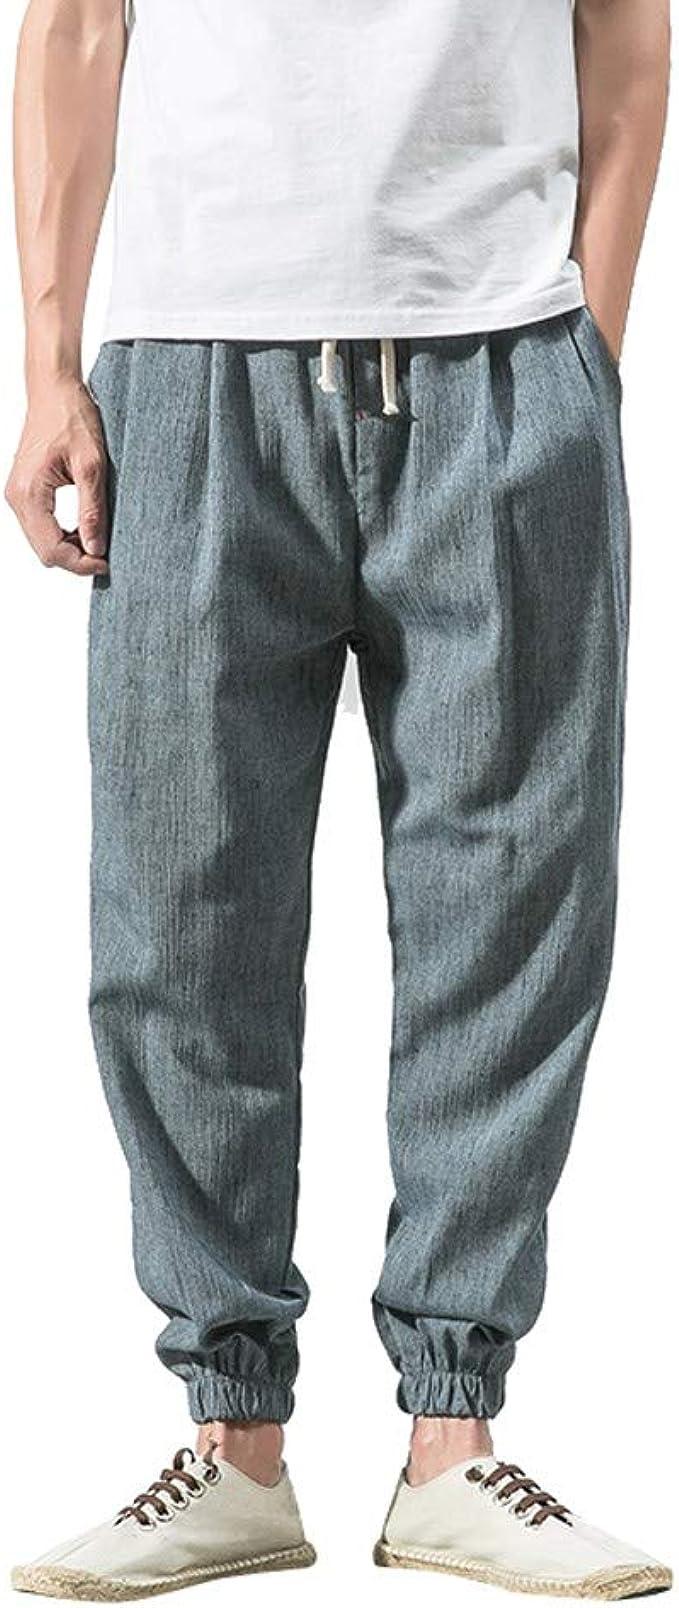 Casuales Pantalones para Hombre Cómoda Cintura Elástica Cintura ...